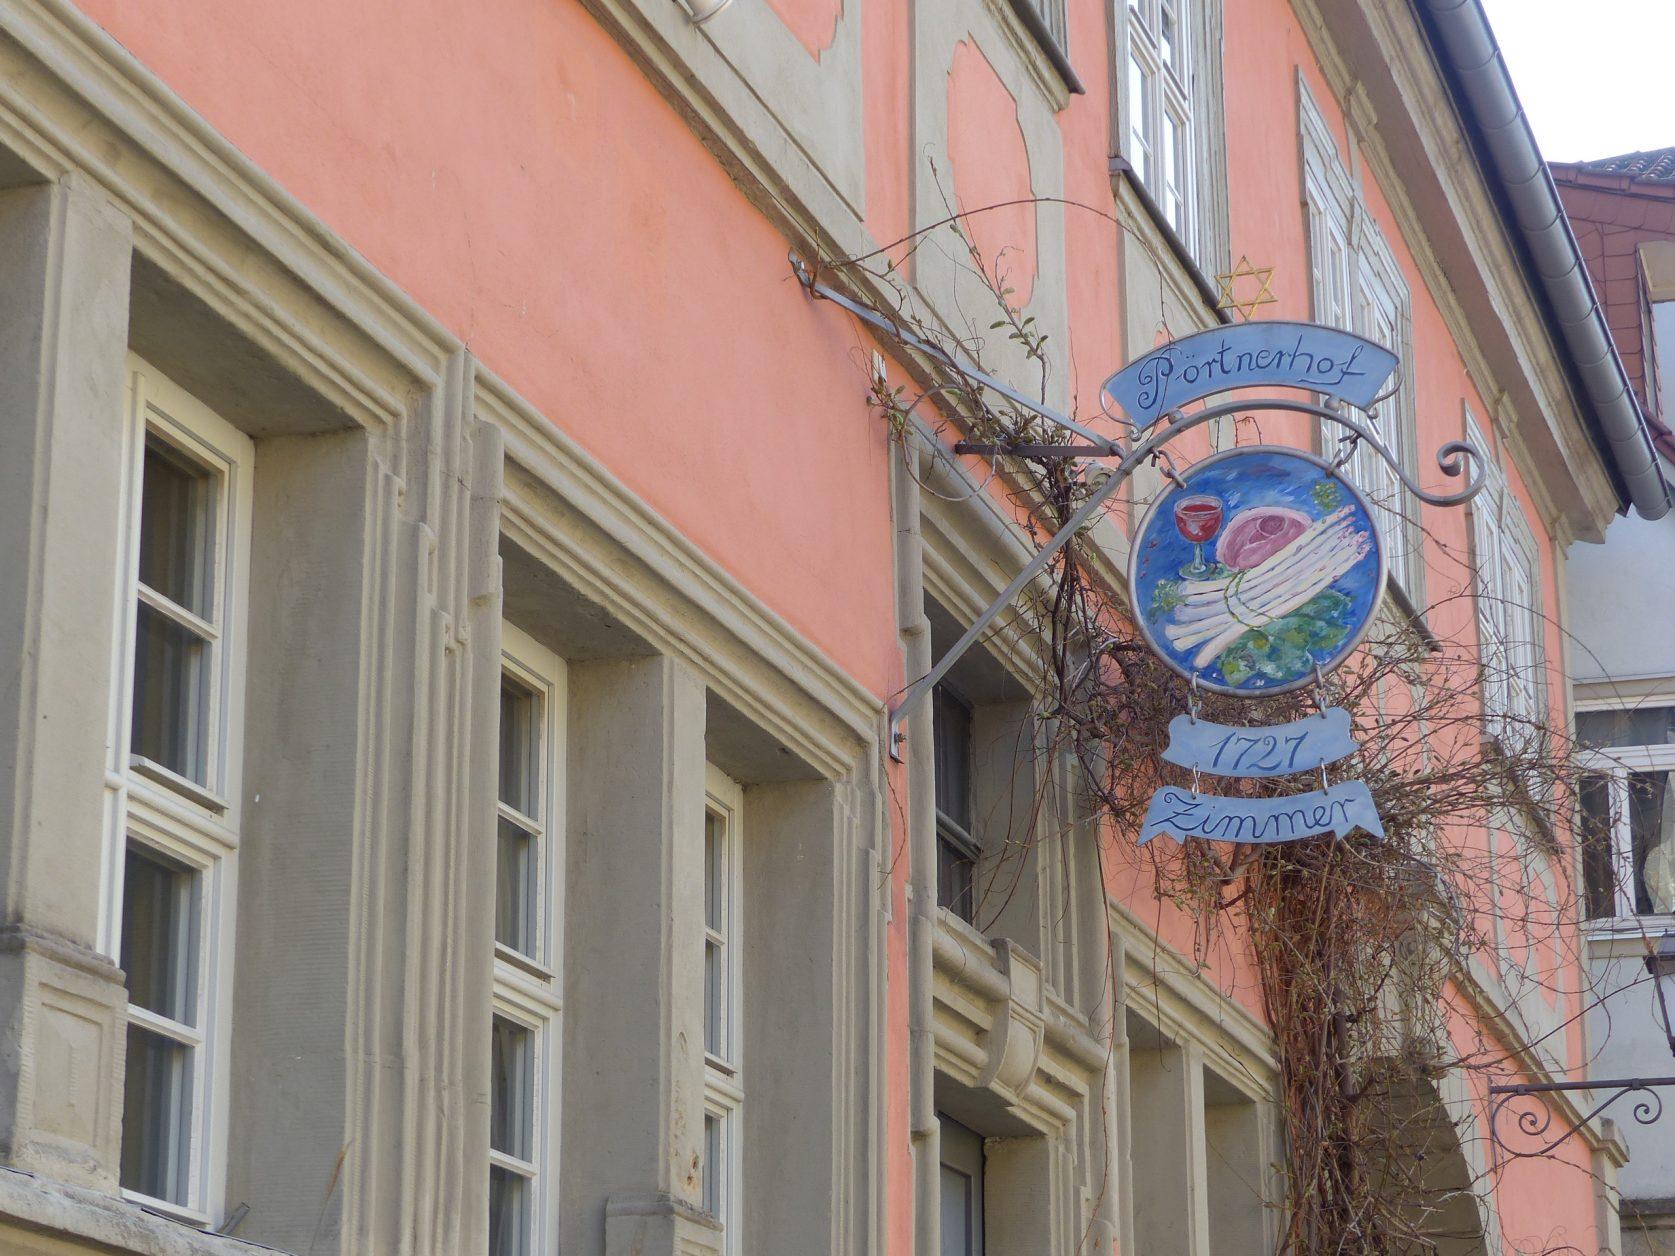 """Bietet mediterrane Küche: """"Pörtnerhof"""" in Sesslach"""